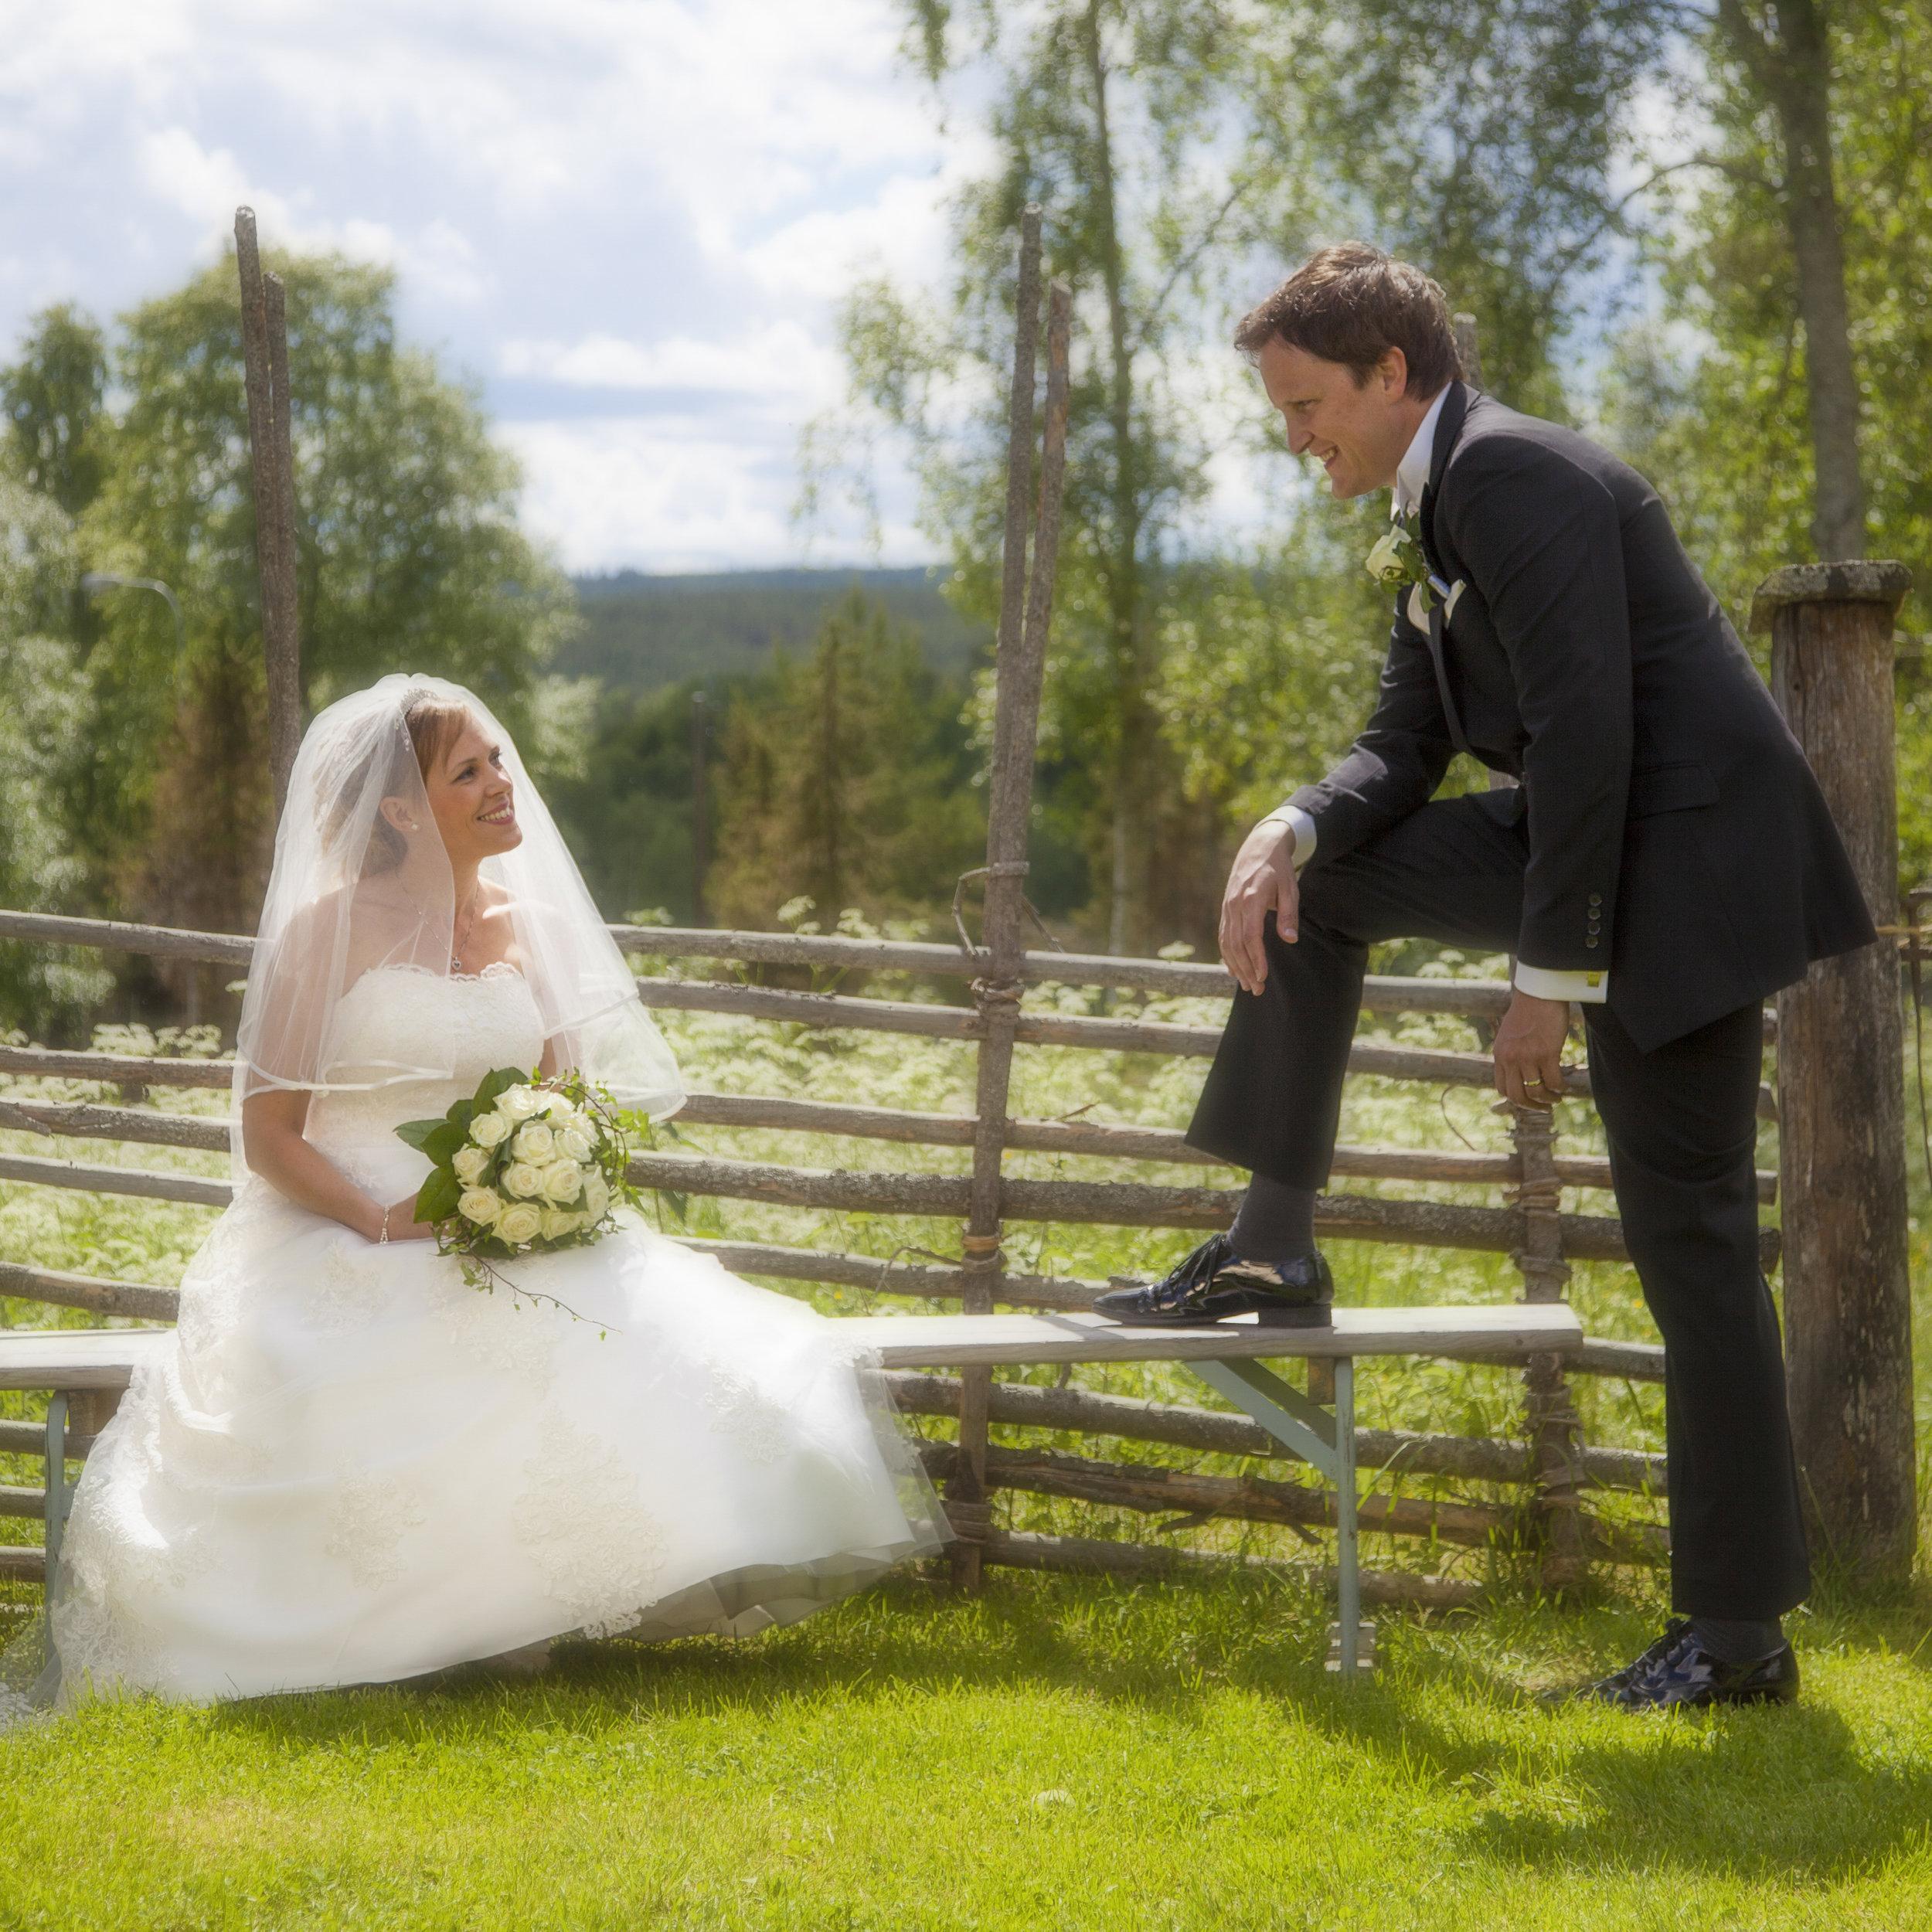 Bröllopsfotograf, 12900kr (prisexempel)    I prisetförslaget för bröllopsfotograferingen ingår en timmes brudparsfotografering samt fotografering av hela vigseln. Brudparet erhåller ca 100st digitala bilder av hög kvalité (300ppi) samt ett eget web-galleri. Innan ni väljer mig som fotograf träffas vi och går igenom vilka förväntningar ni har.